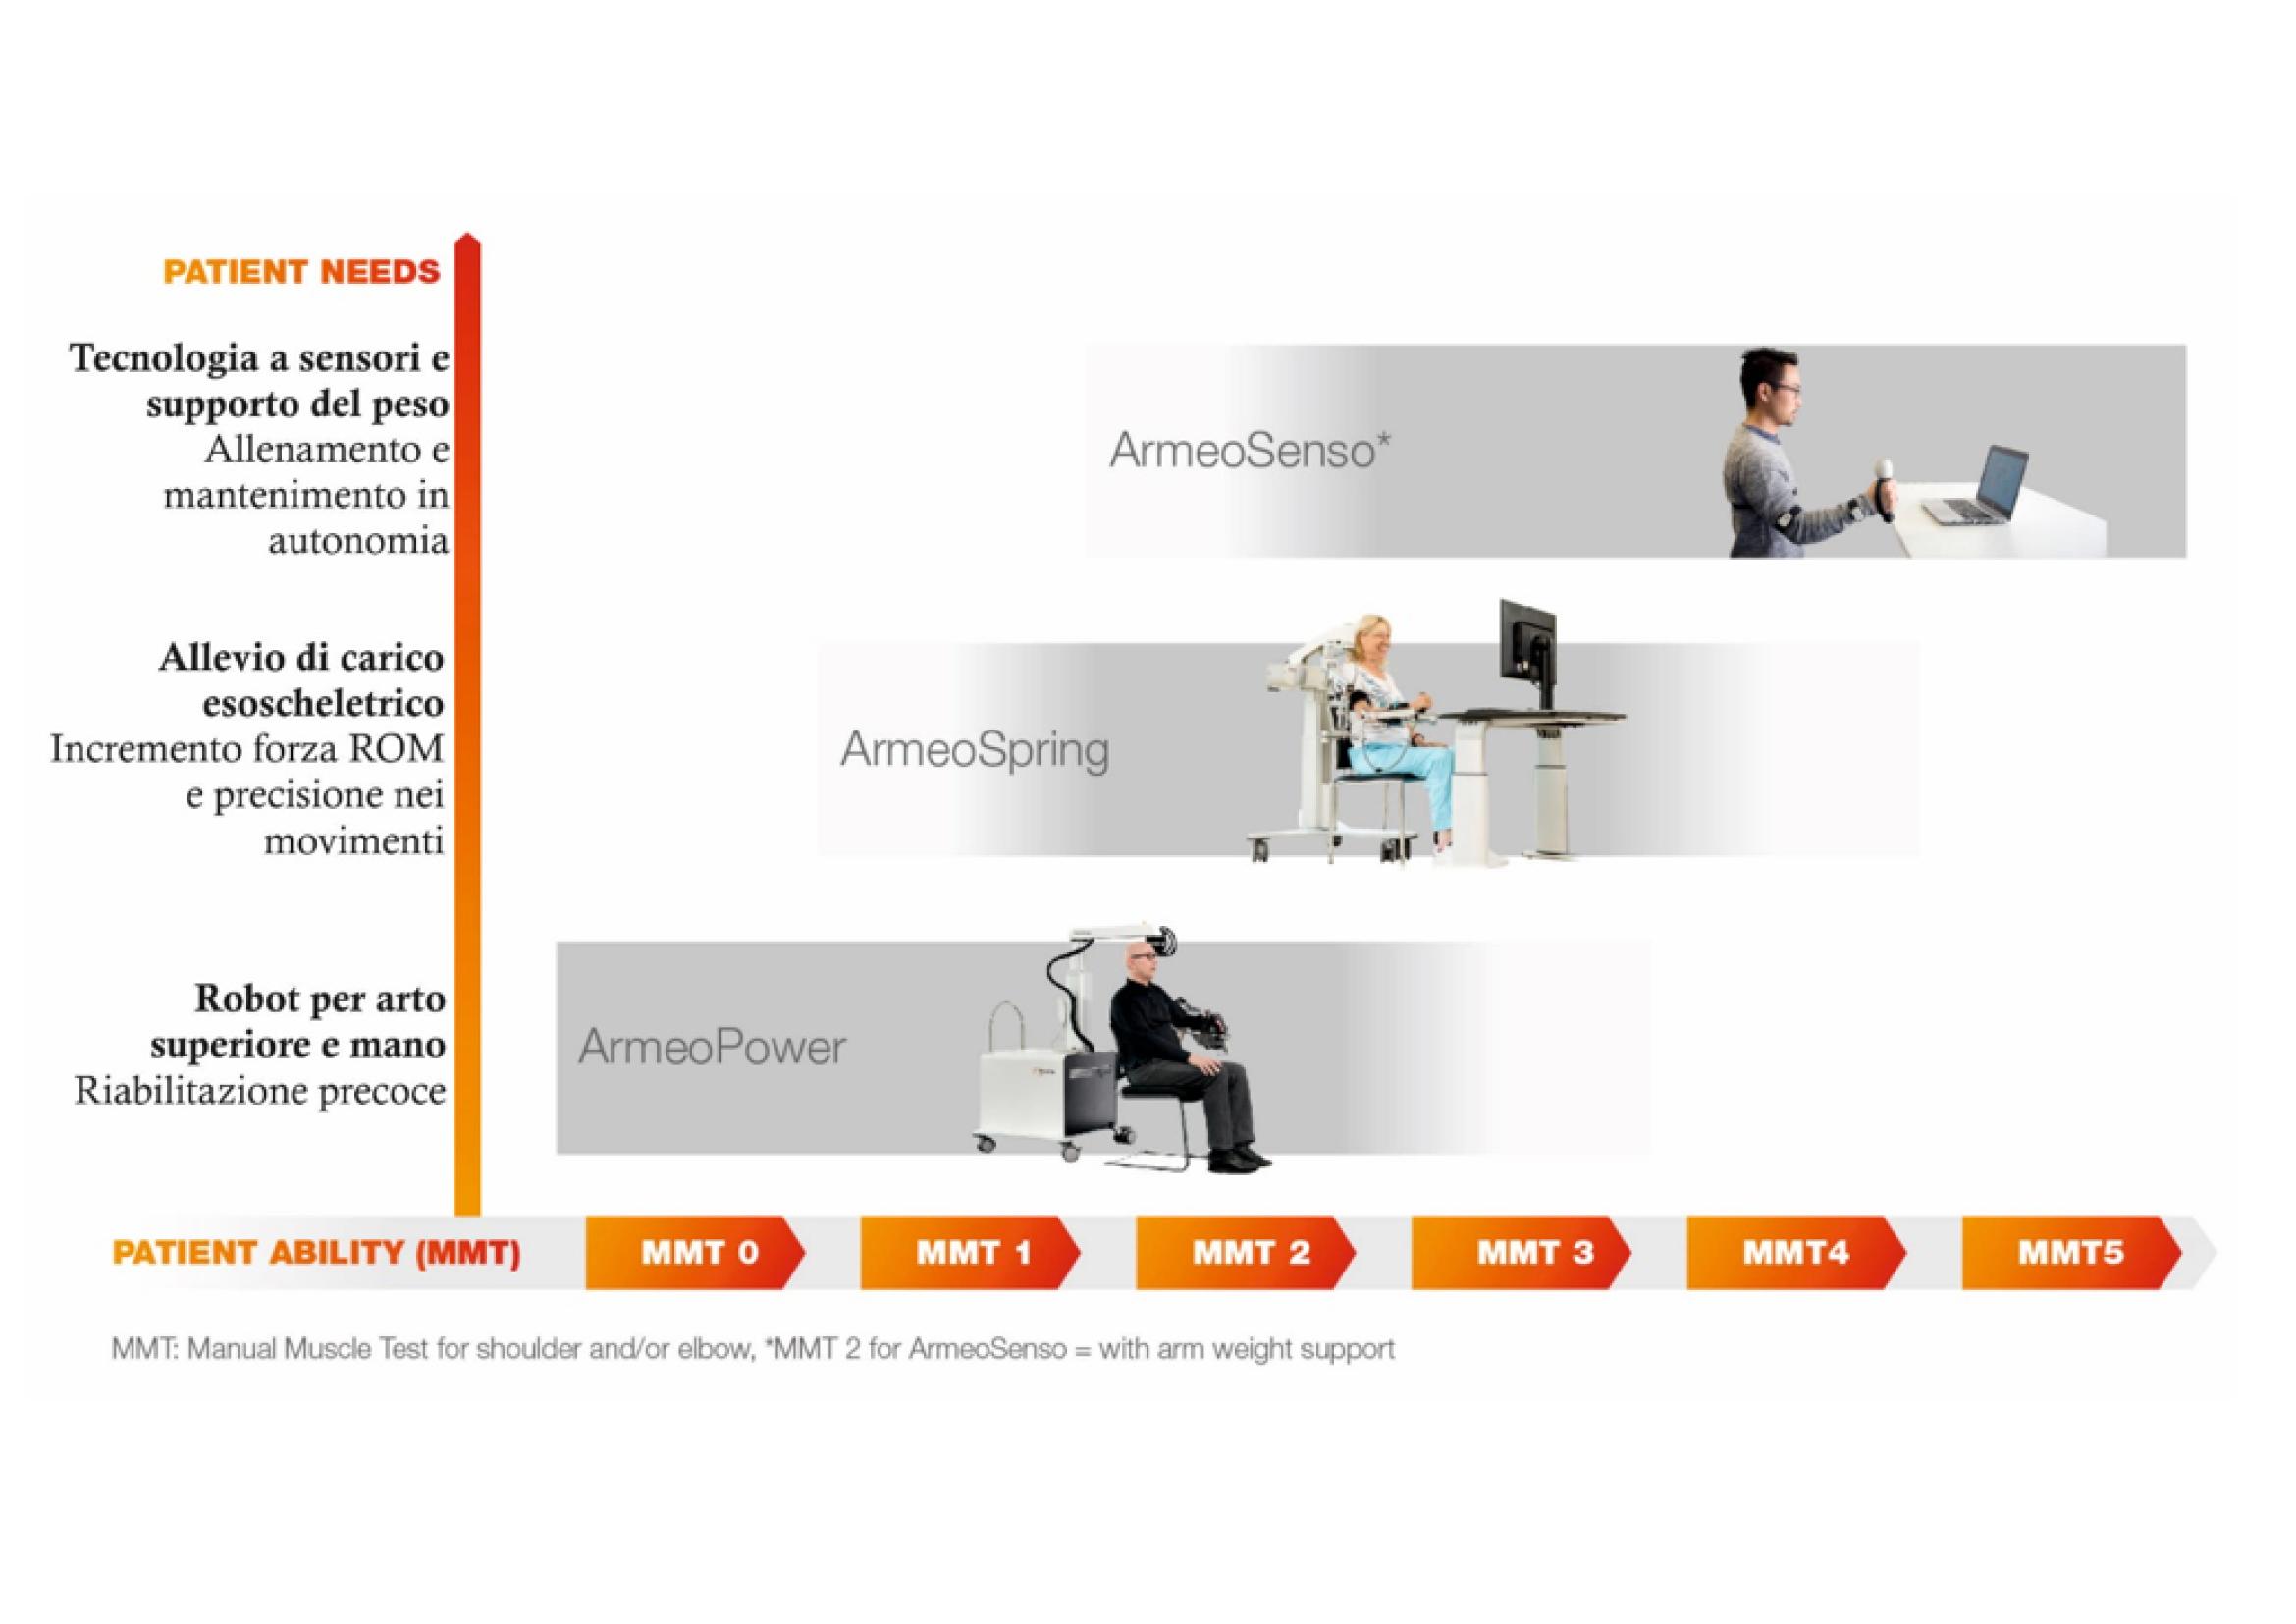 Armeo Spring Hocoma - Sistema di riabilitazione del braccio - arto superiore